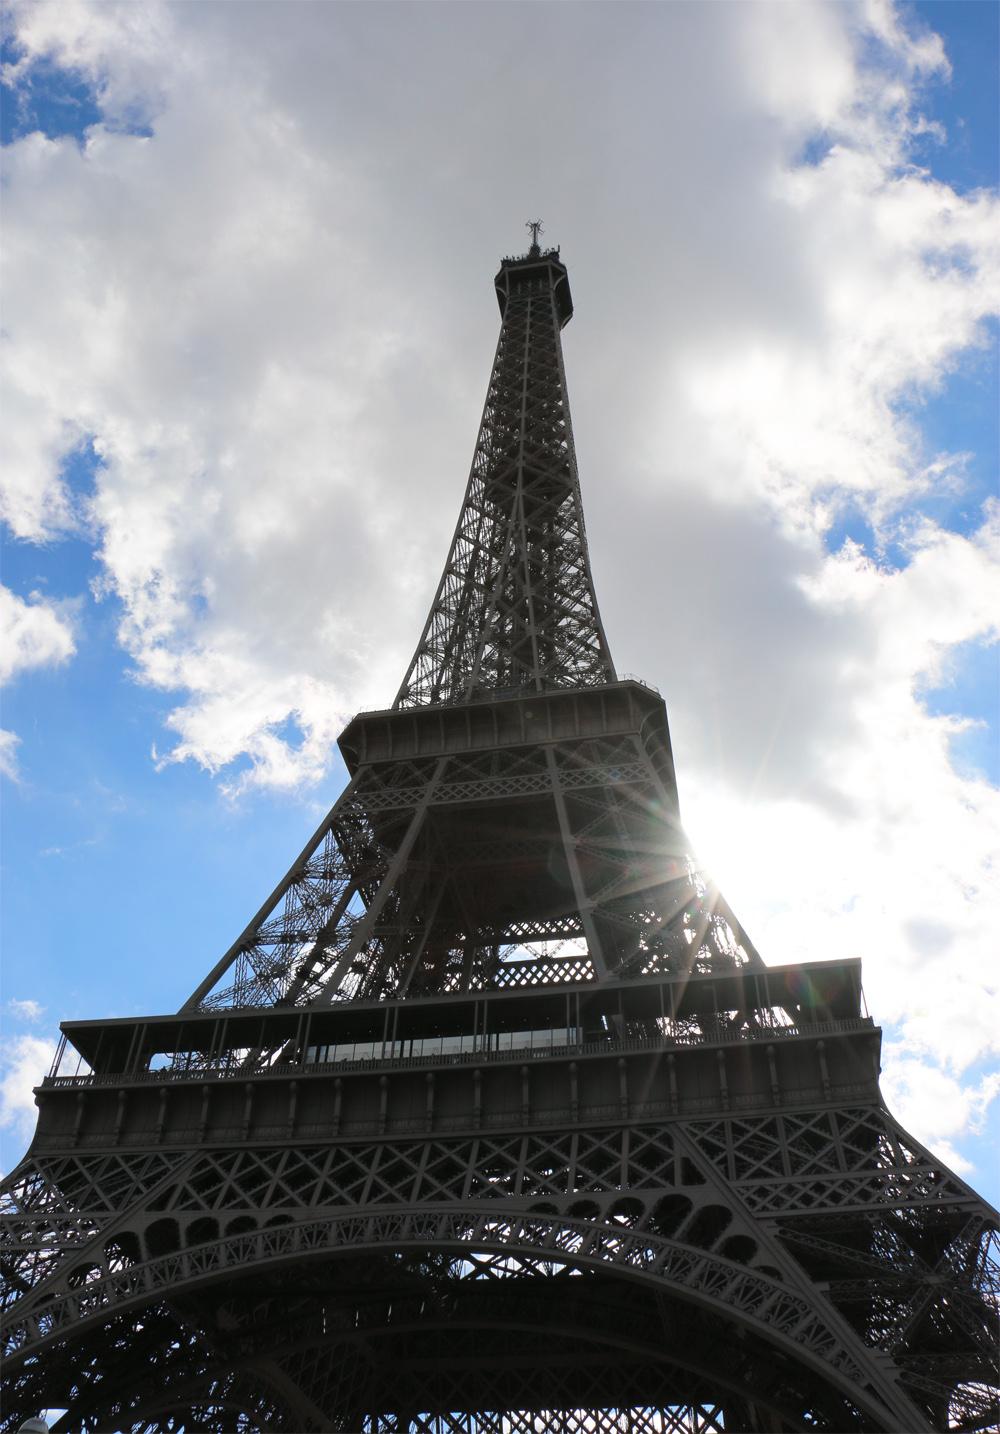 paris-tour-eiffel-tower-5